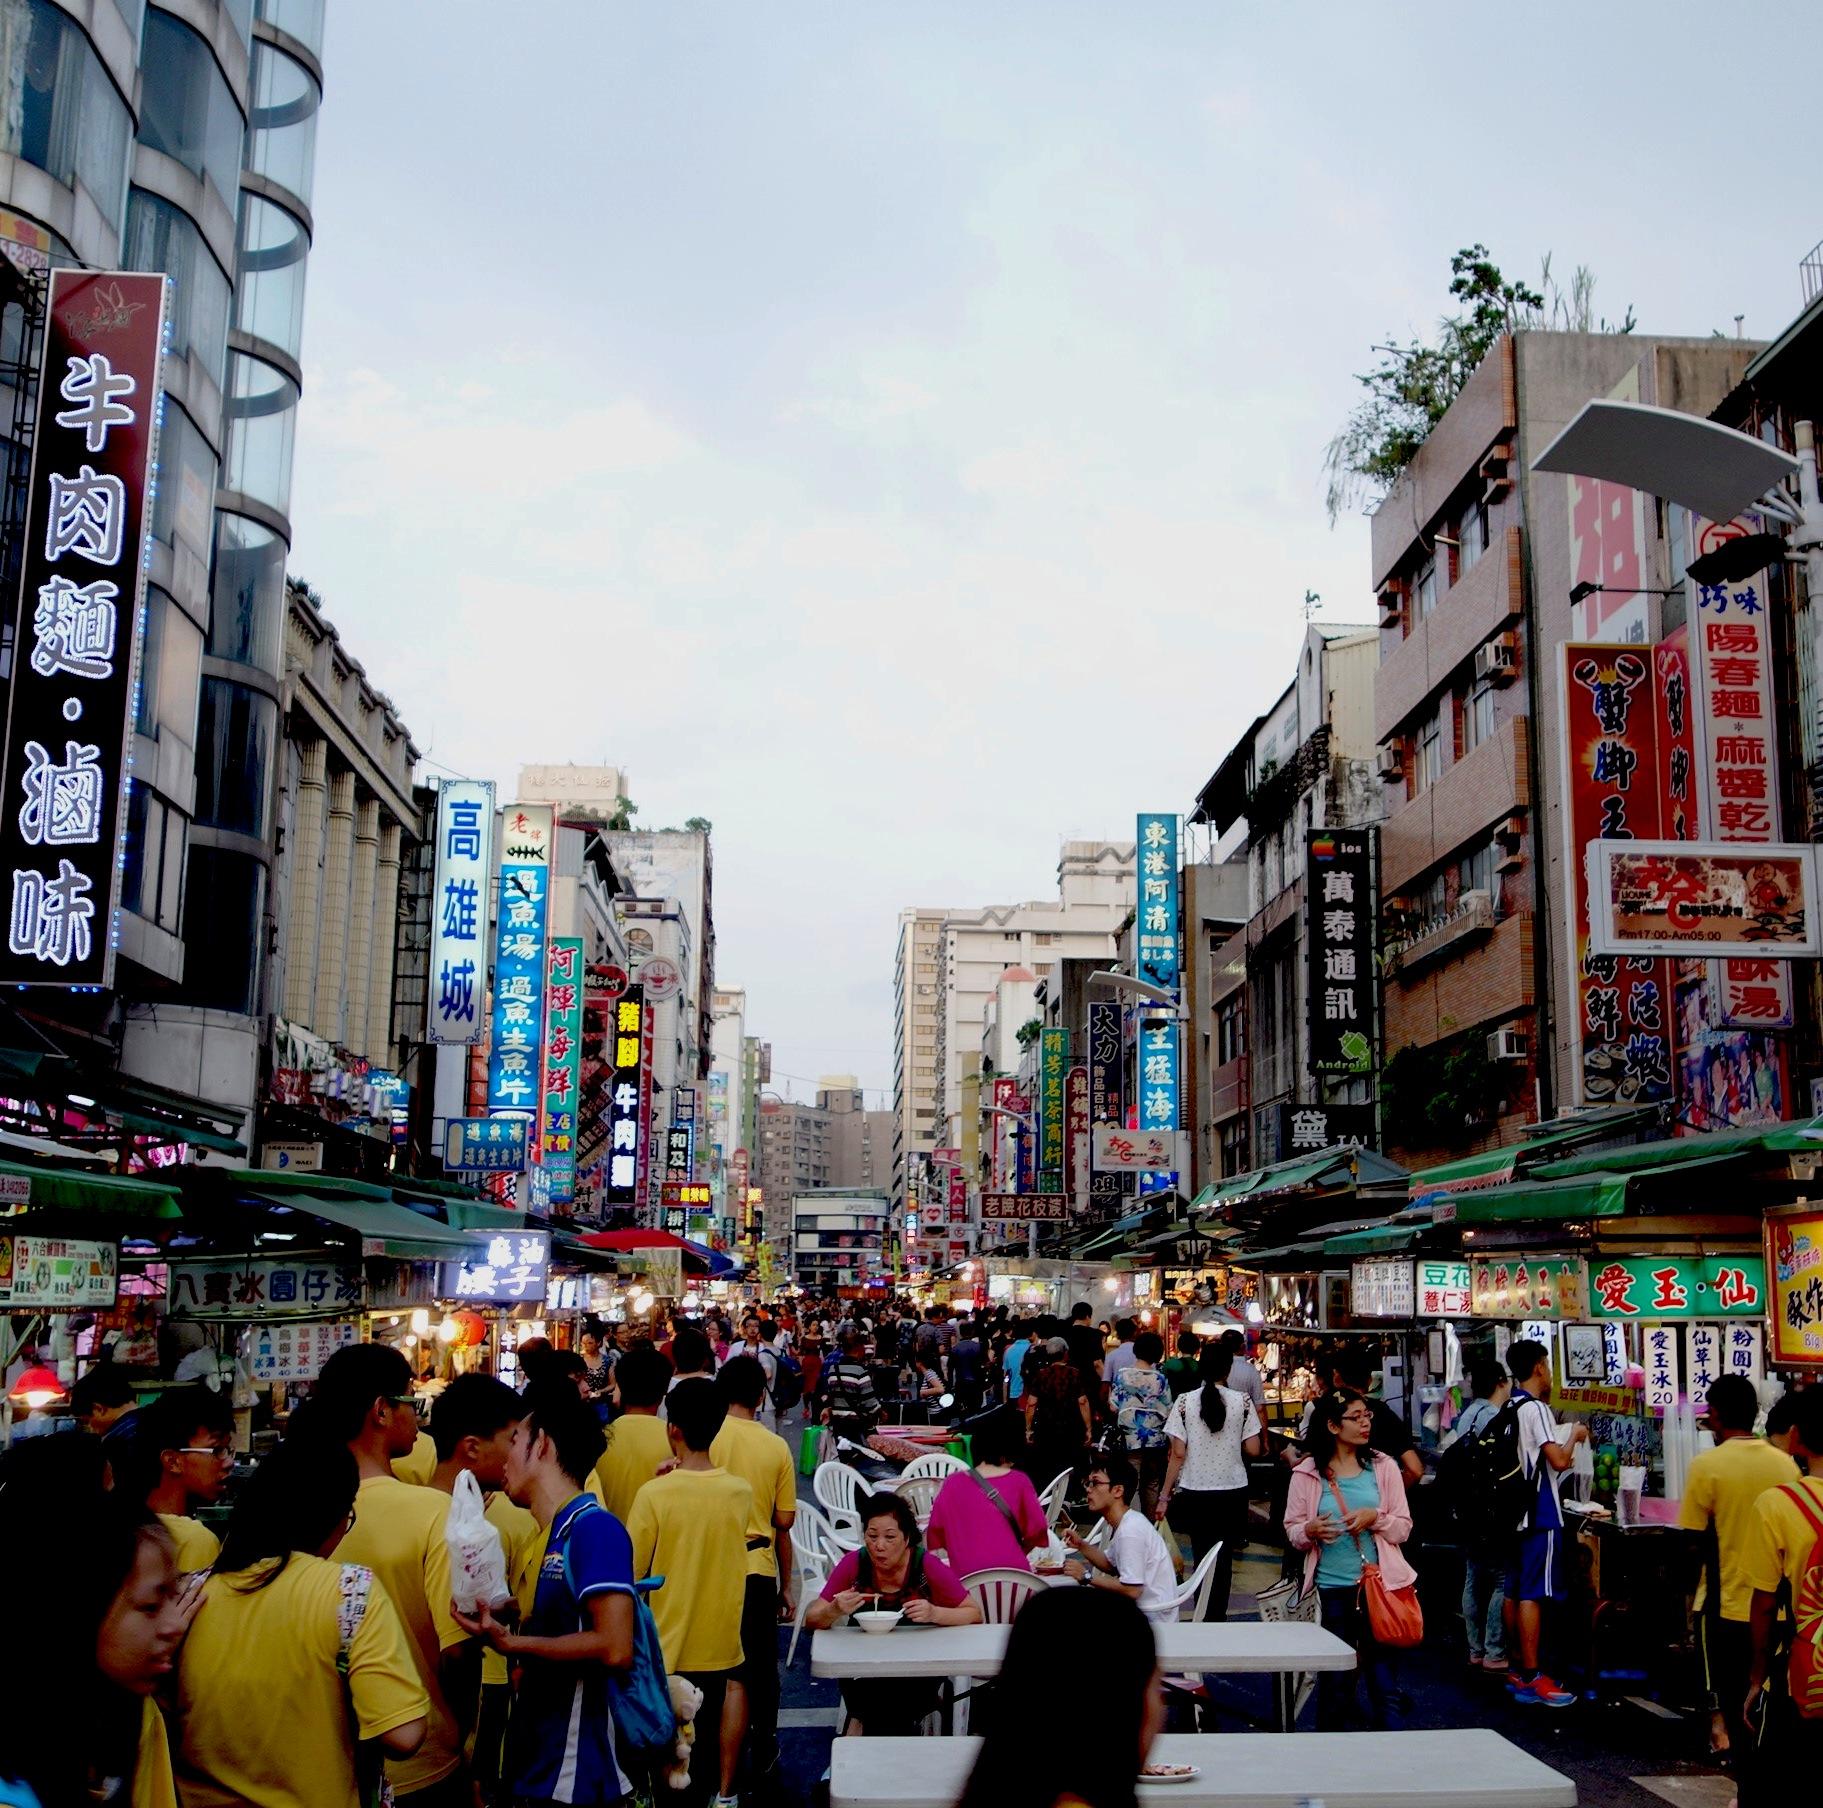 台湾高雄で行くべき9のおすすめ観光スポット